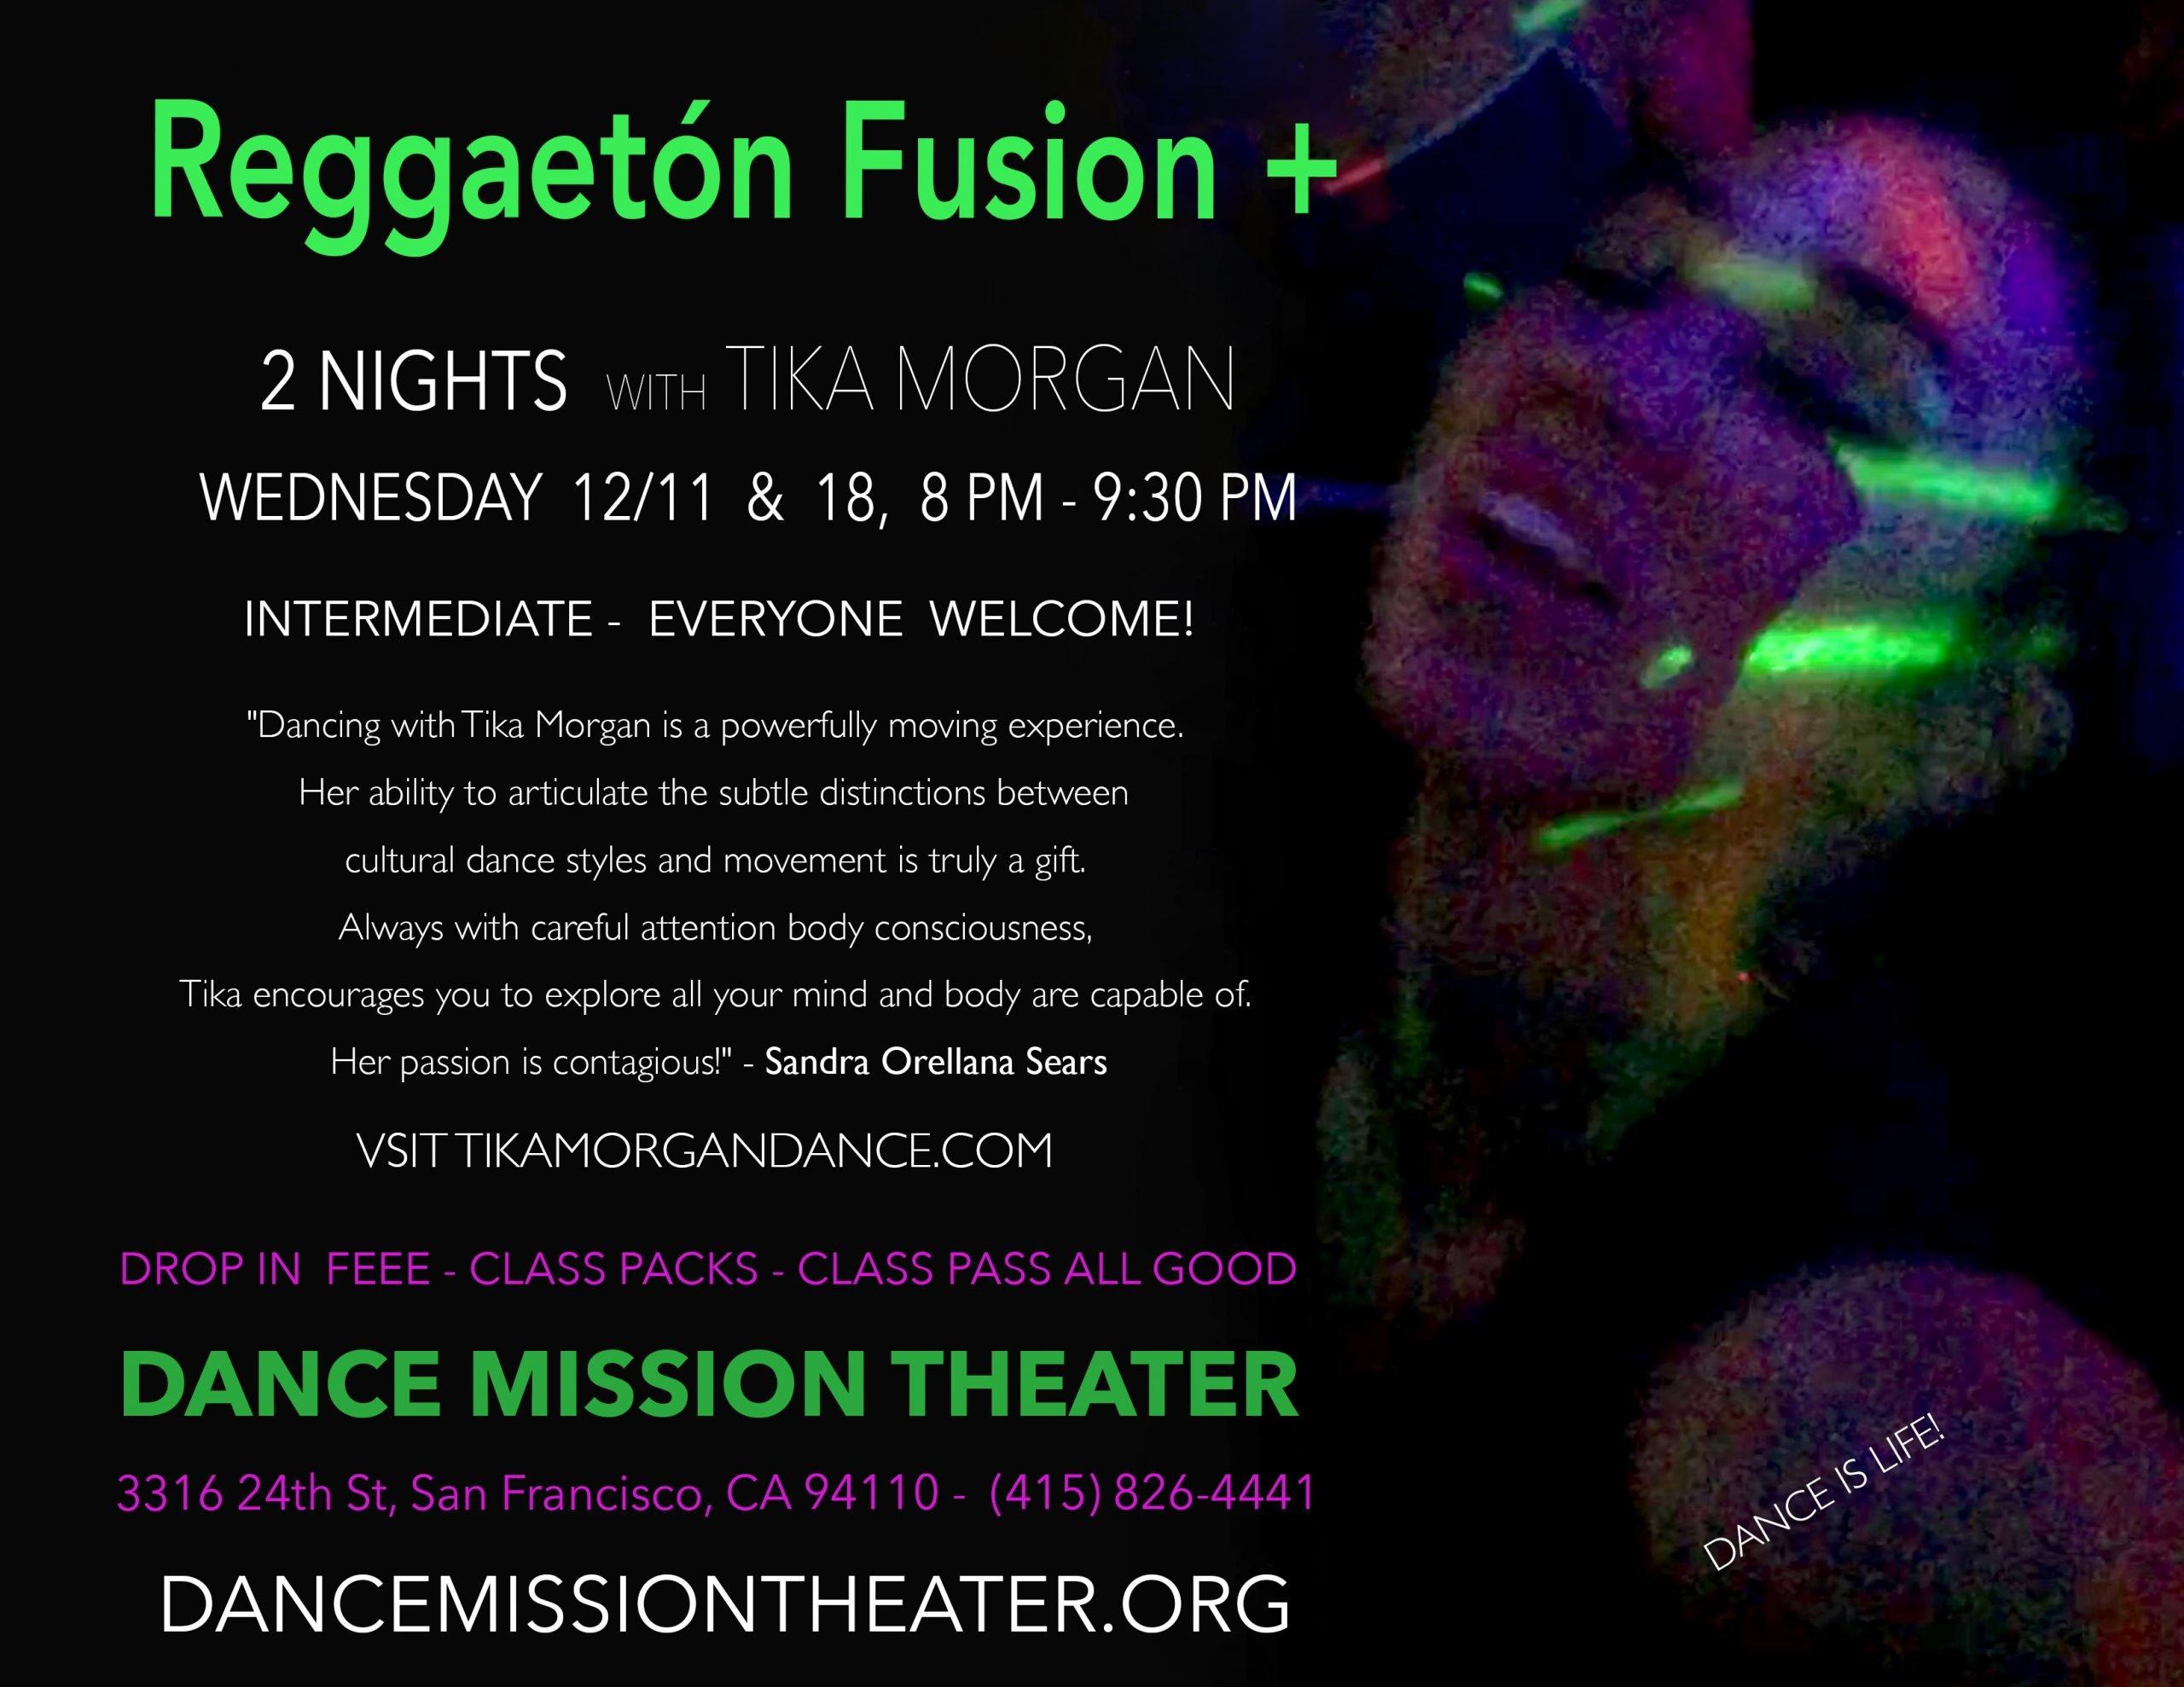 Dec 11 & 18: Reggaeton Fusion